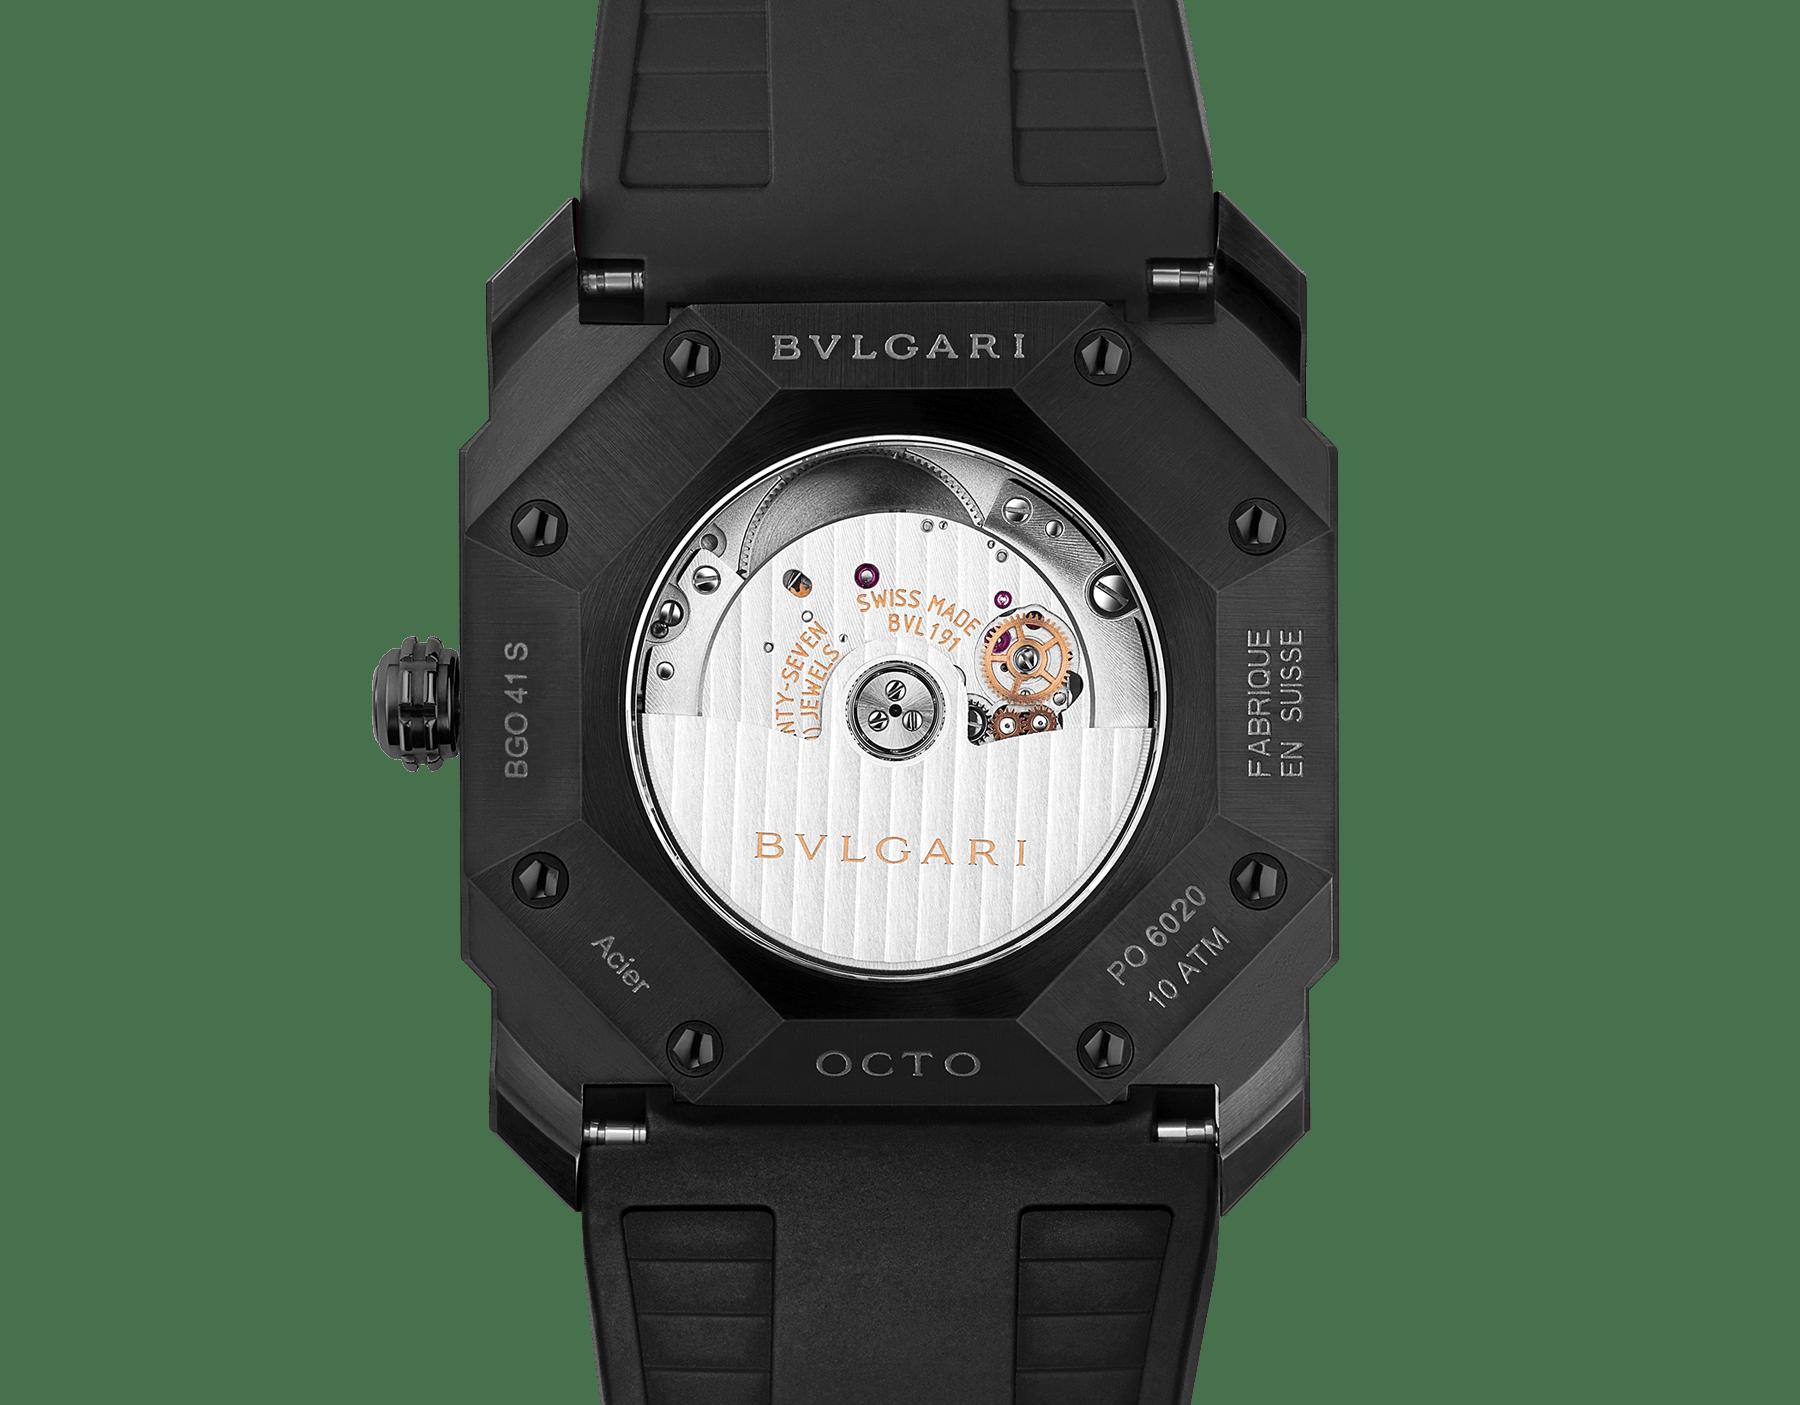 Часы Octo, мануфактурный механизм с автоматическим заводом и указателем даты, корпус из нержавеющей стали с черным алмазоподобным углеродным покрытием DLC, черный лакированный циферблат, черный ремешок из каучука. 102738 image 4